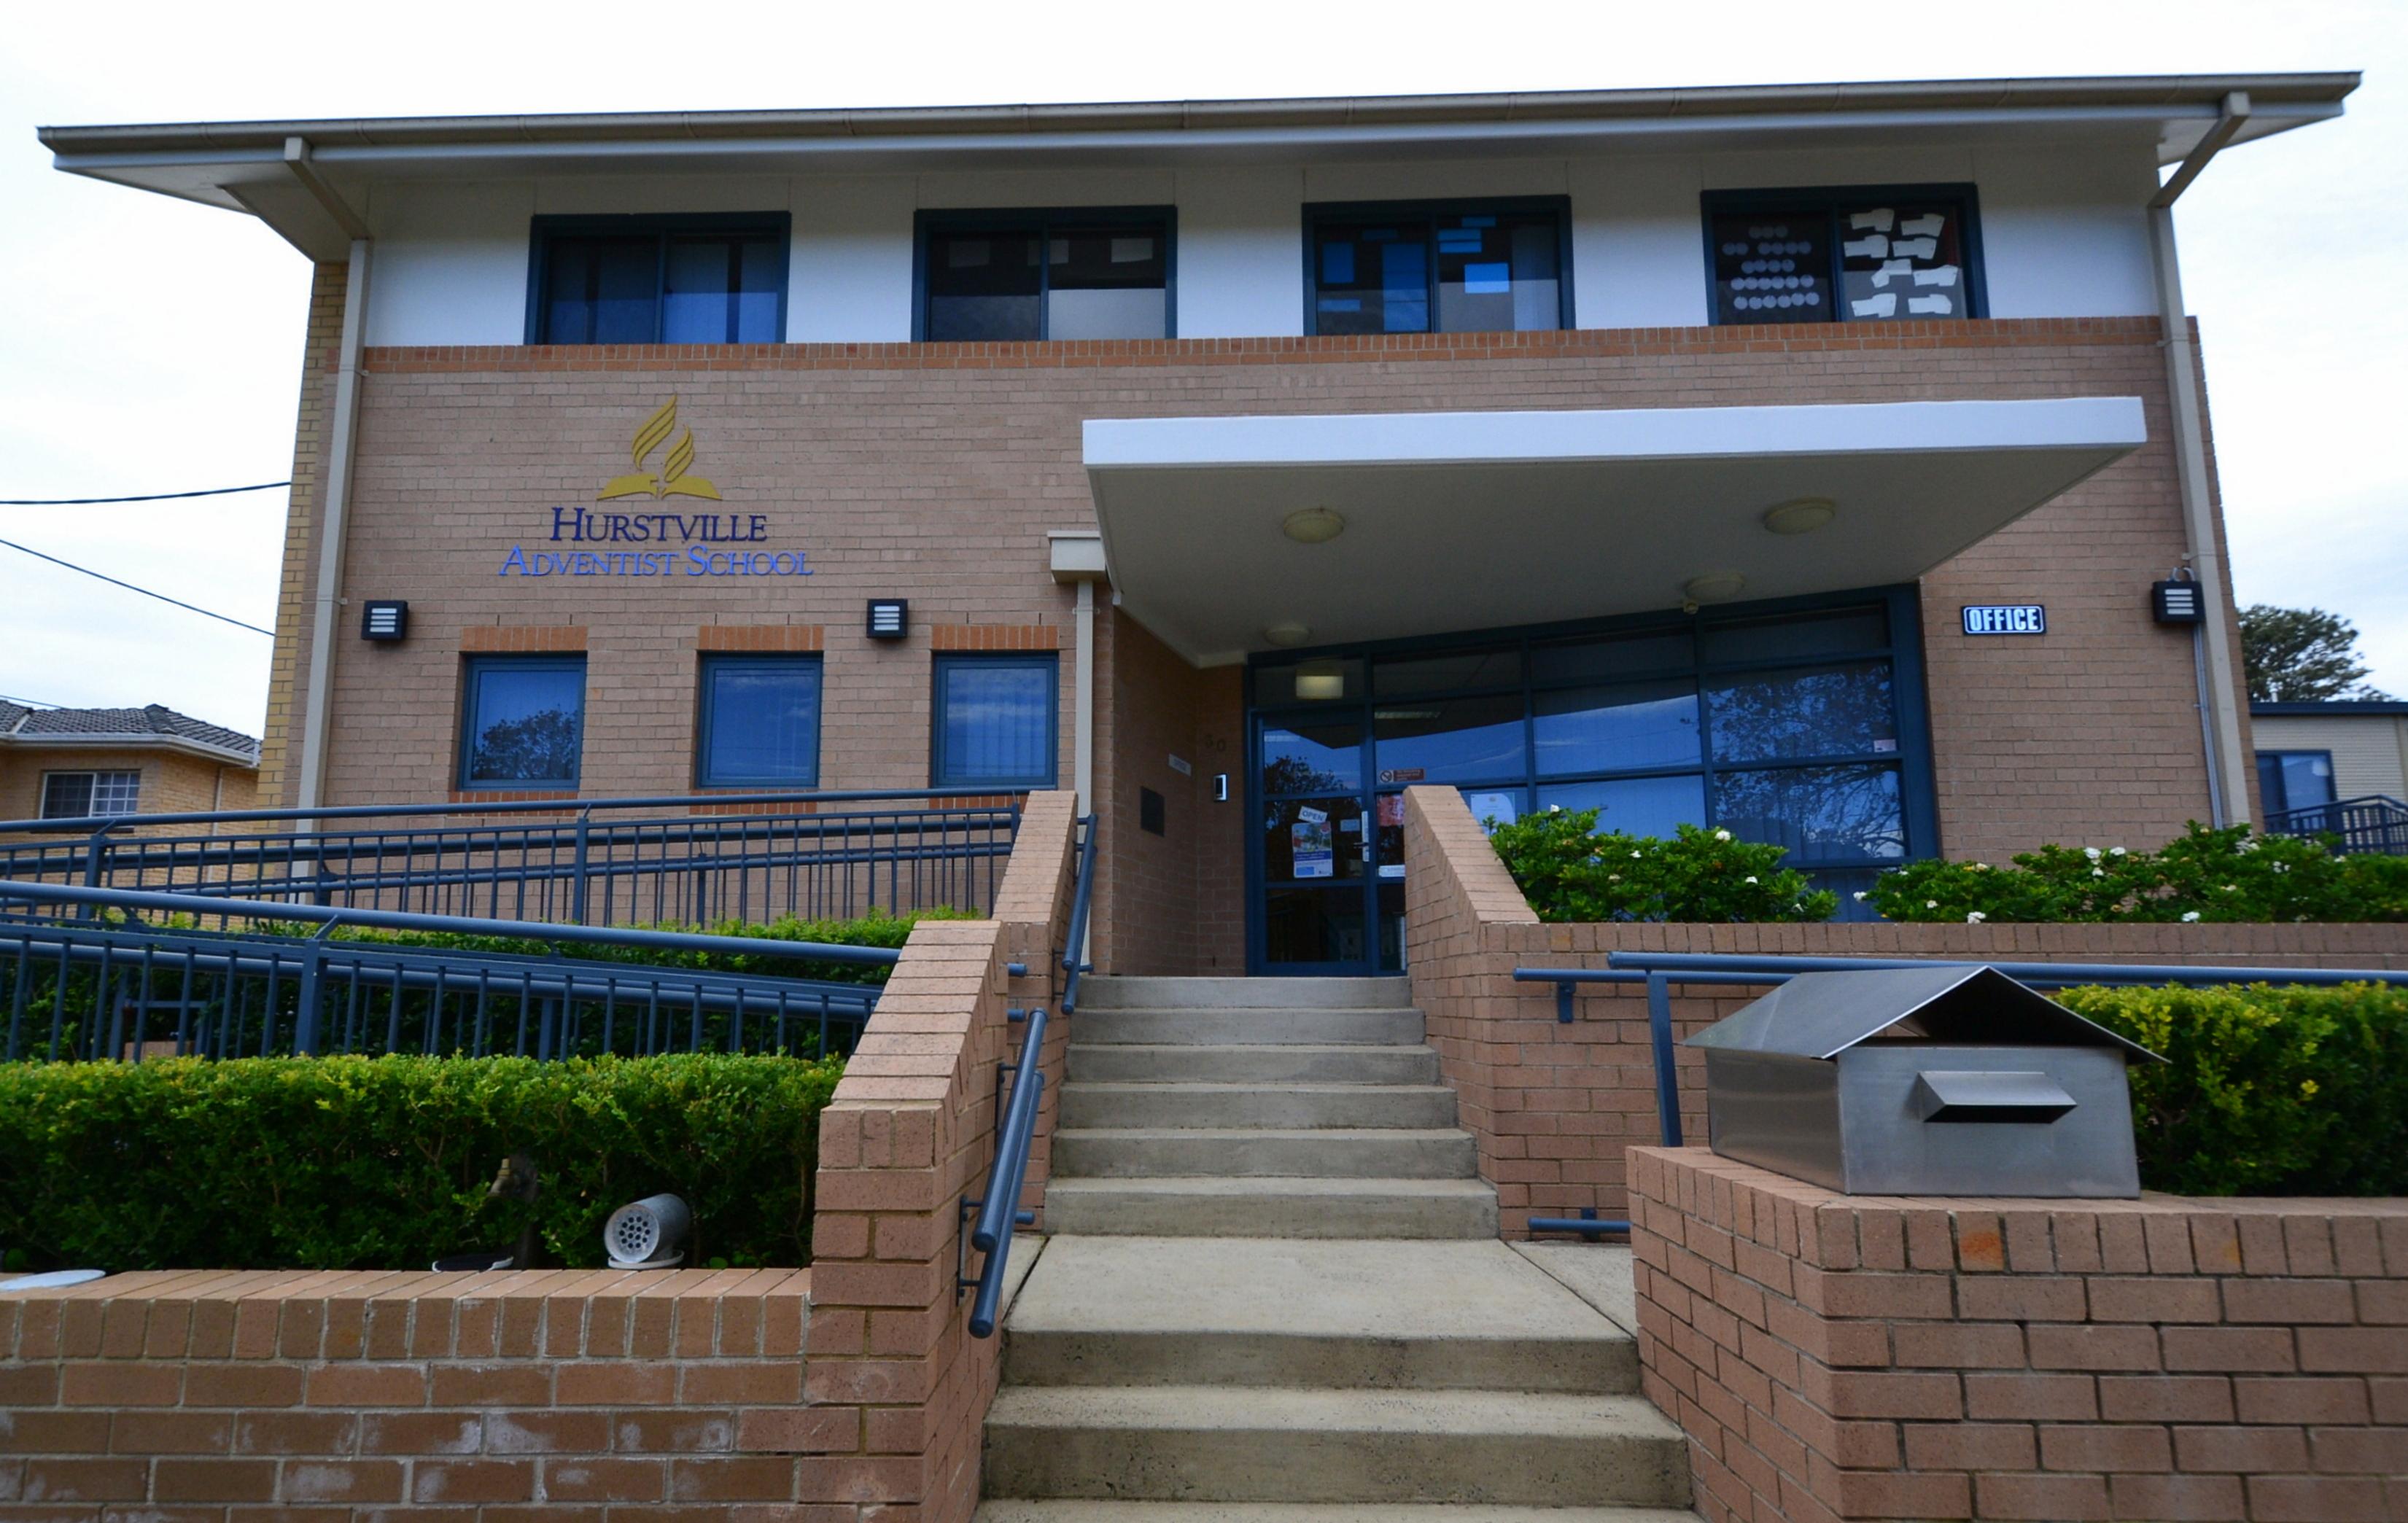 File:(1)Hurstville Adventist School jpg - Wikimedia Commons